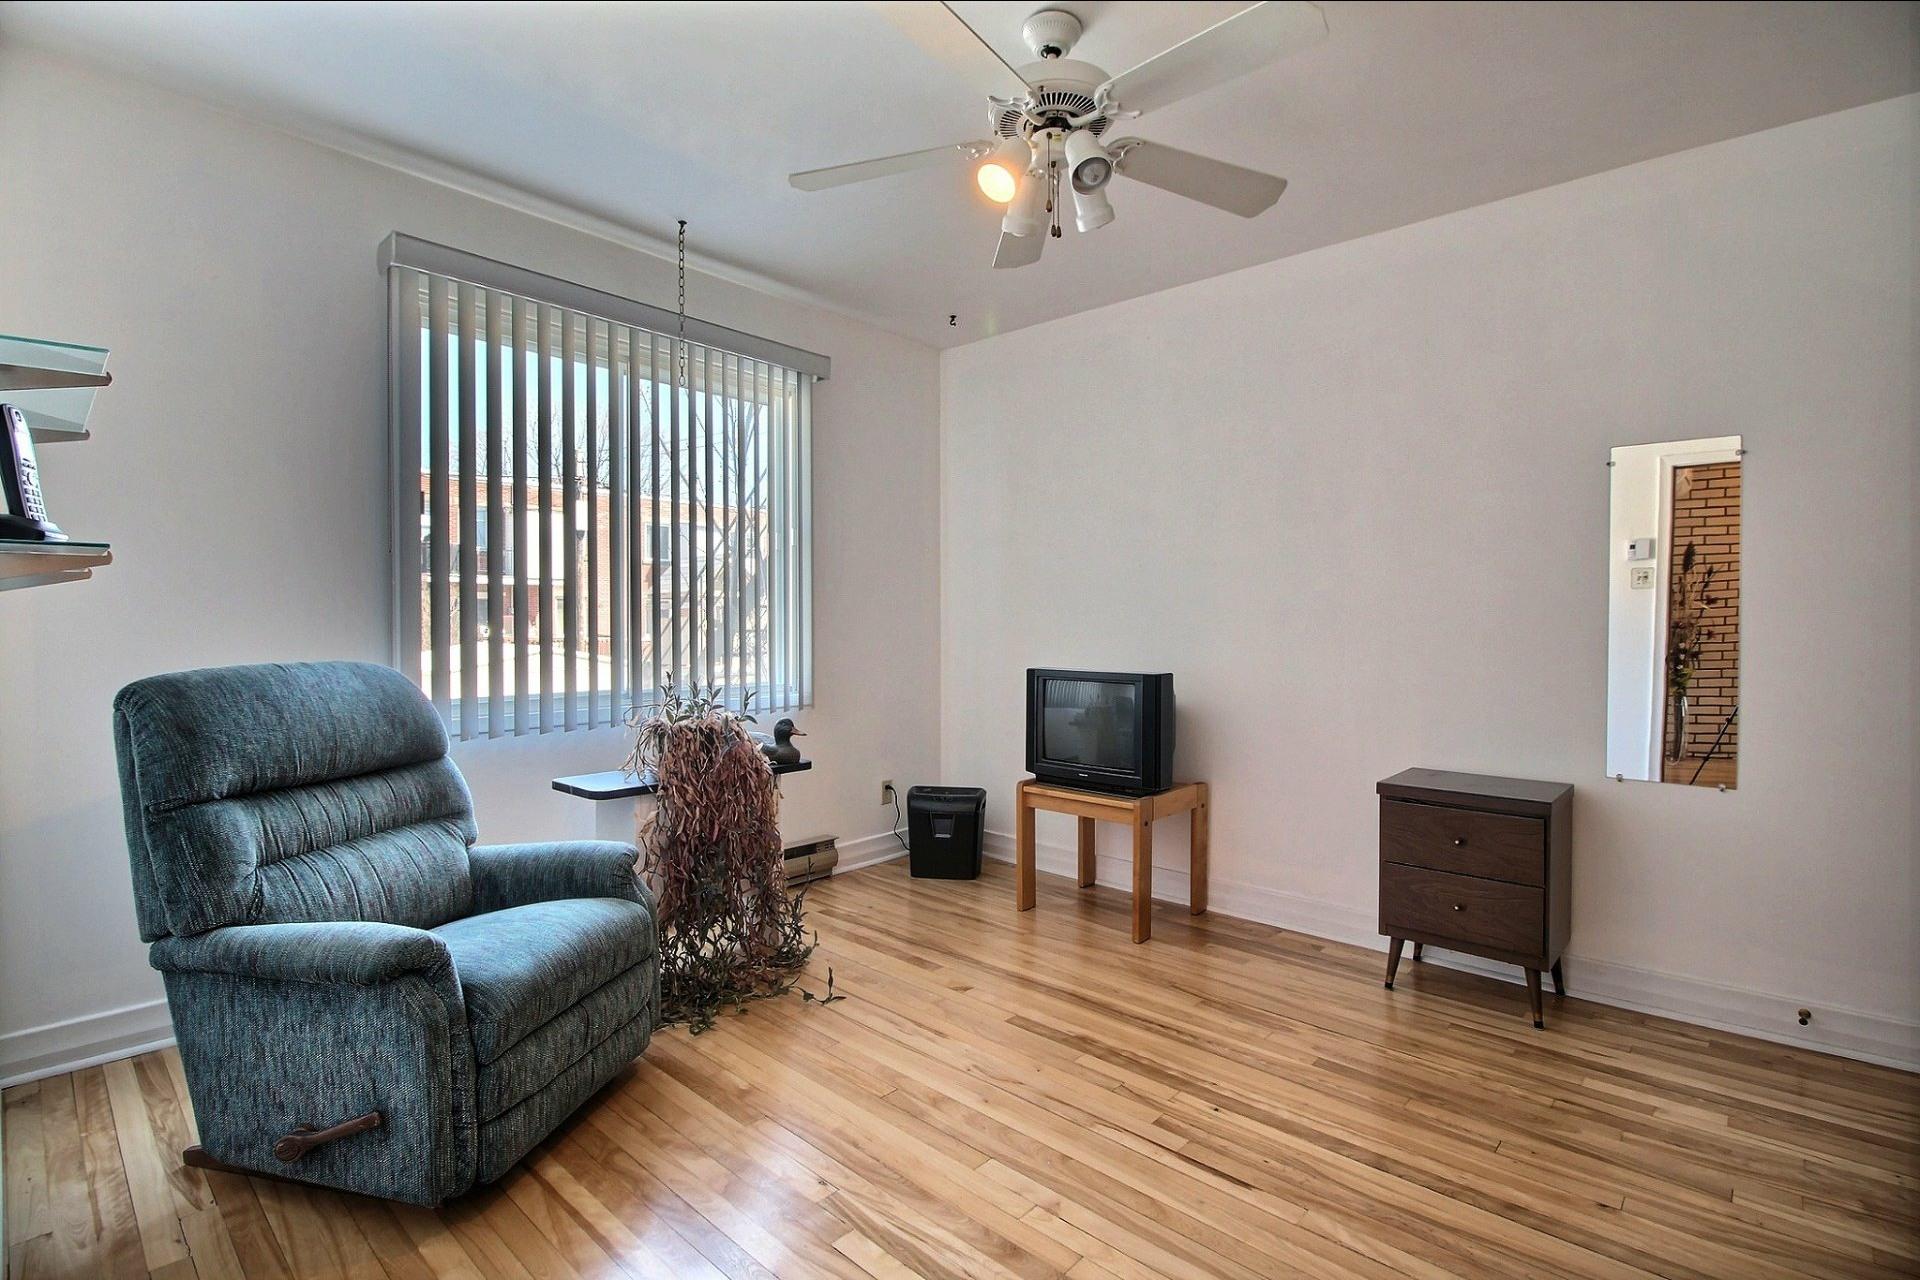 image 10 - Duplex À vendre Montréal Rivière-des-Prairies/Pointe-aux-Trembles  - 6 pièces